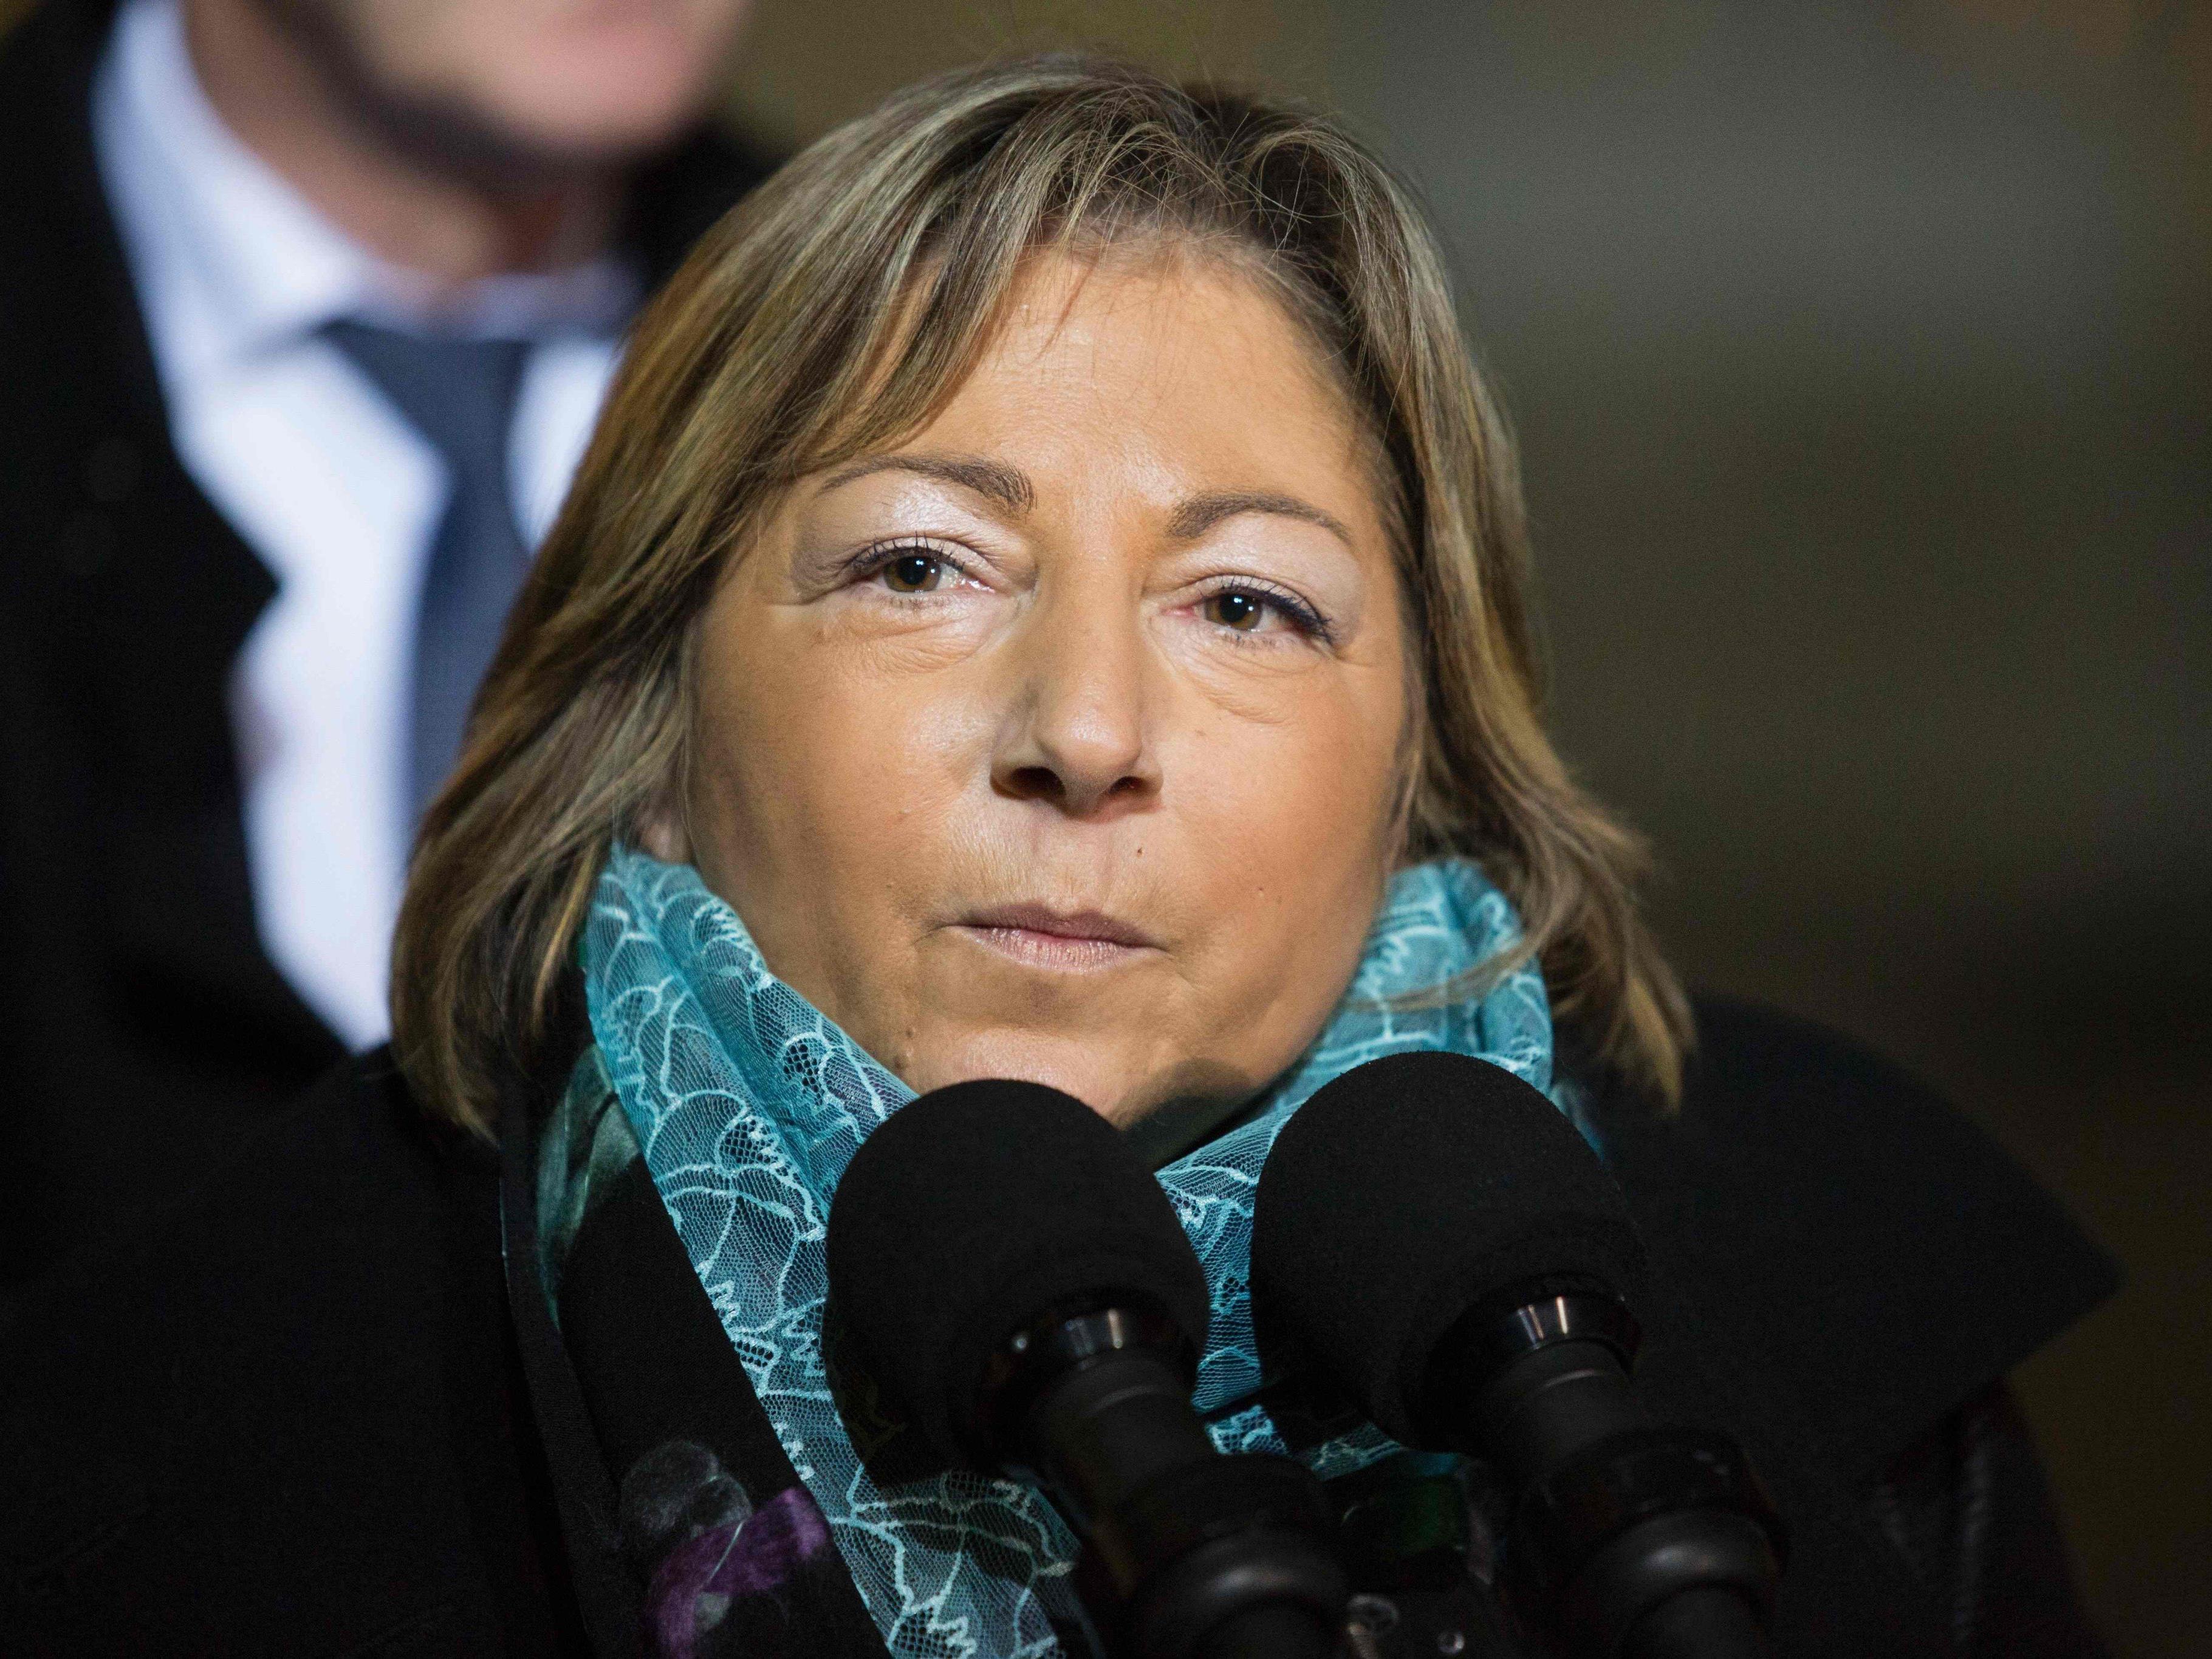 Natacha Bouchart ist die konservative Bürgermeisterin von Calais.